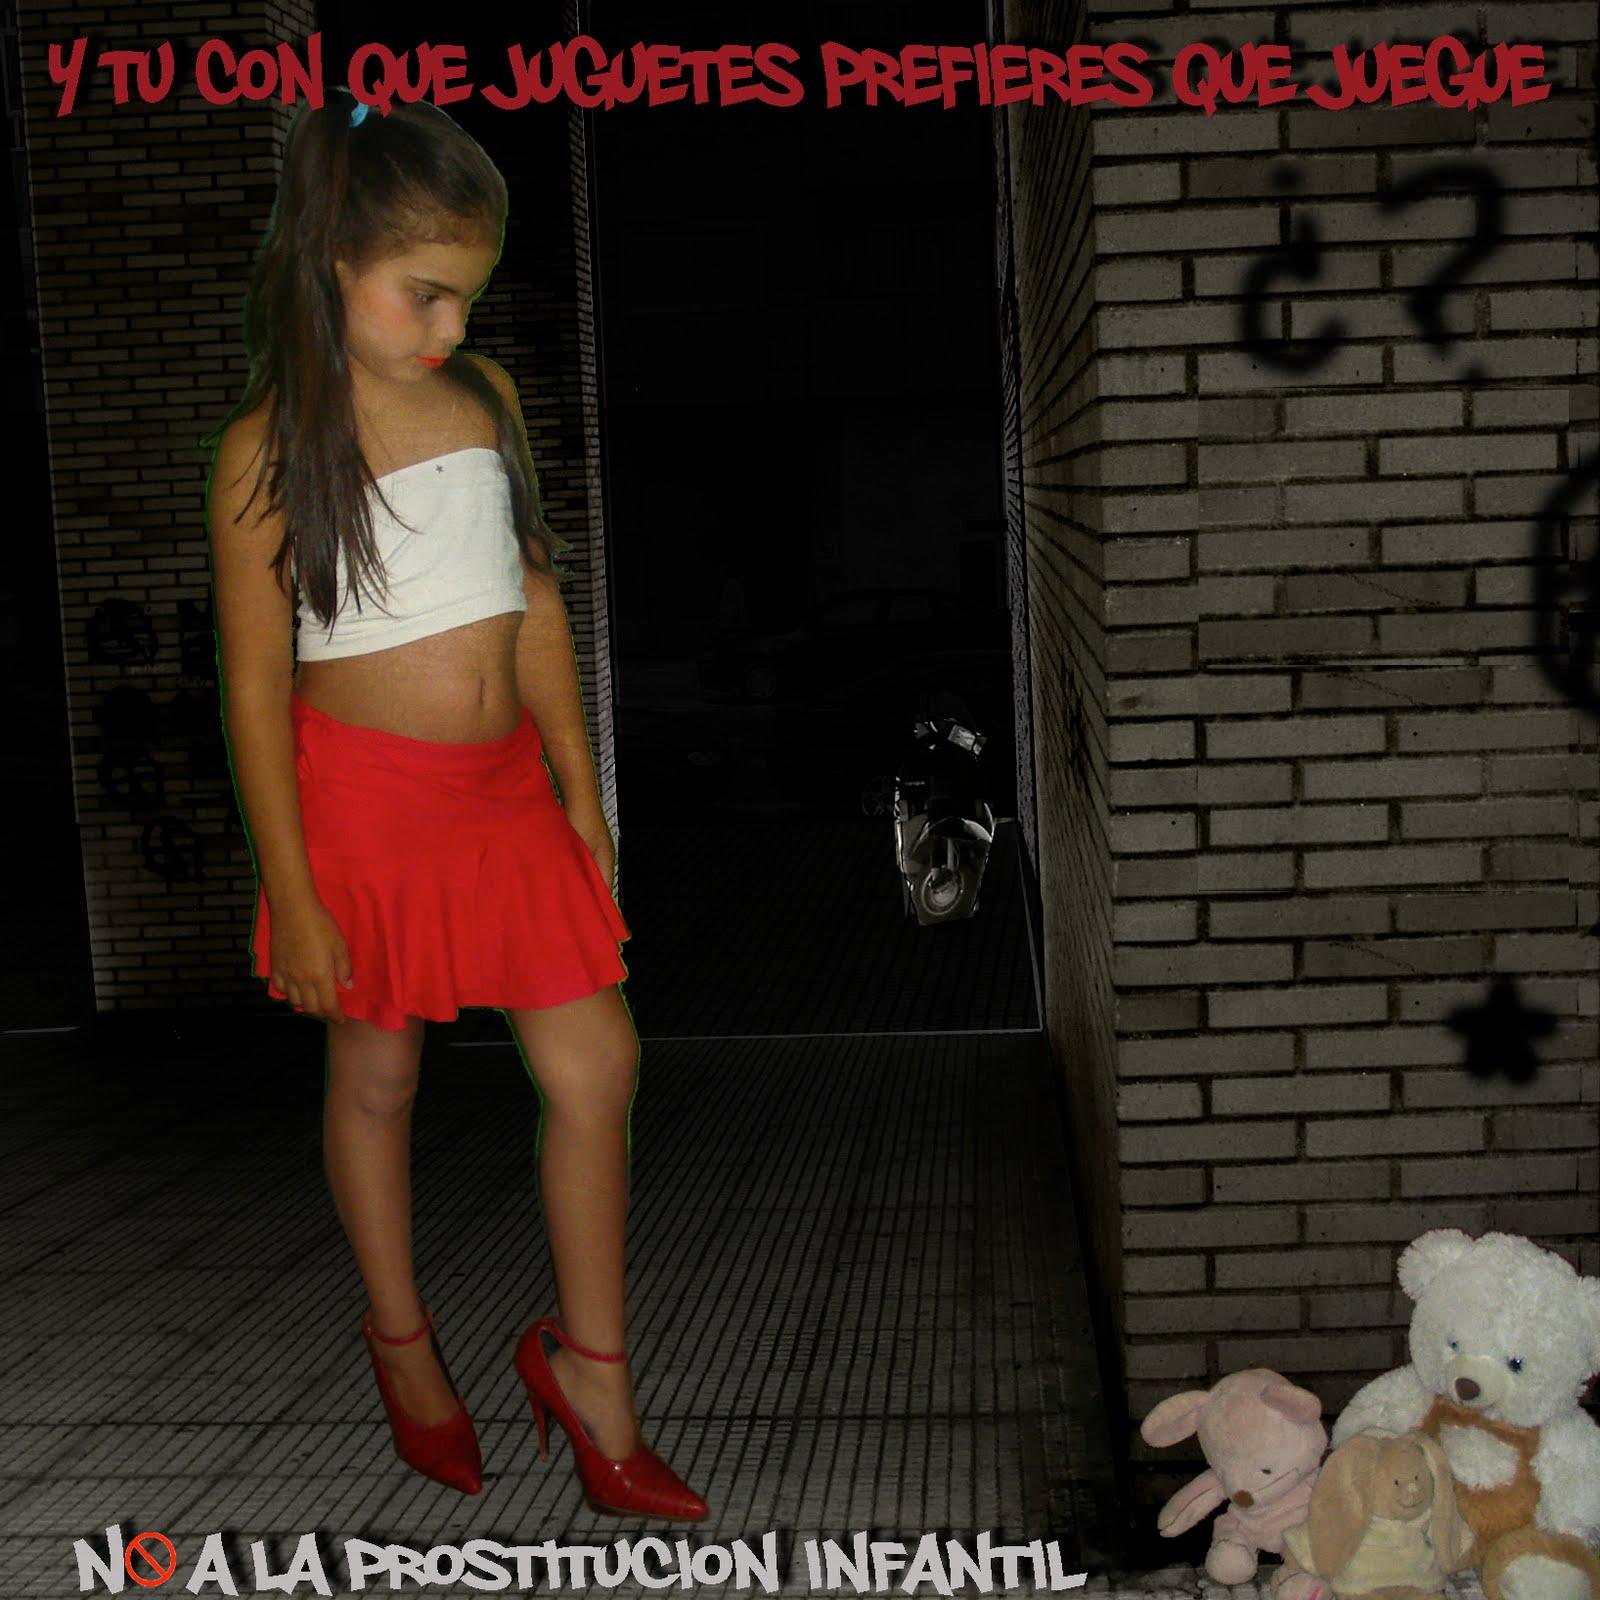 explotacion de prostitutas prostitutas niñas